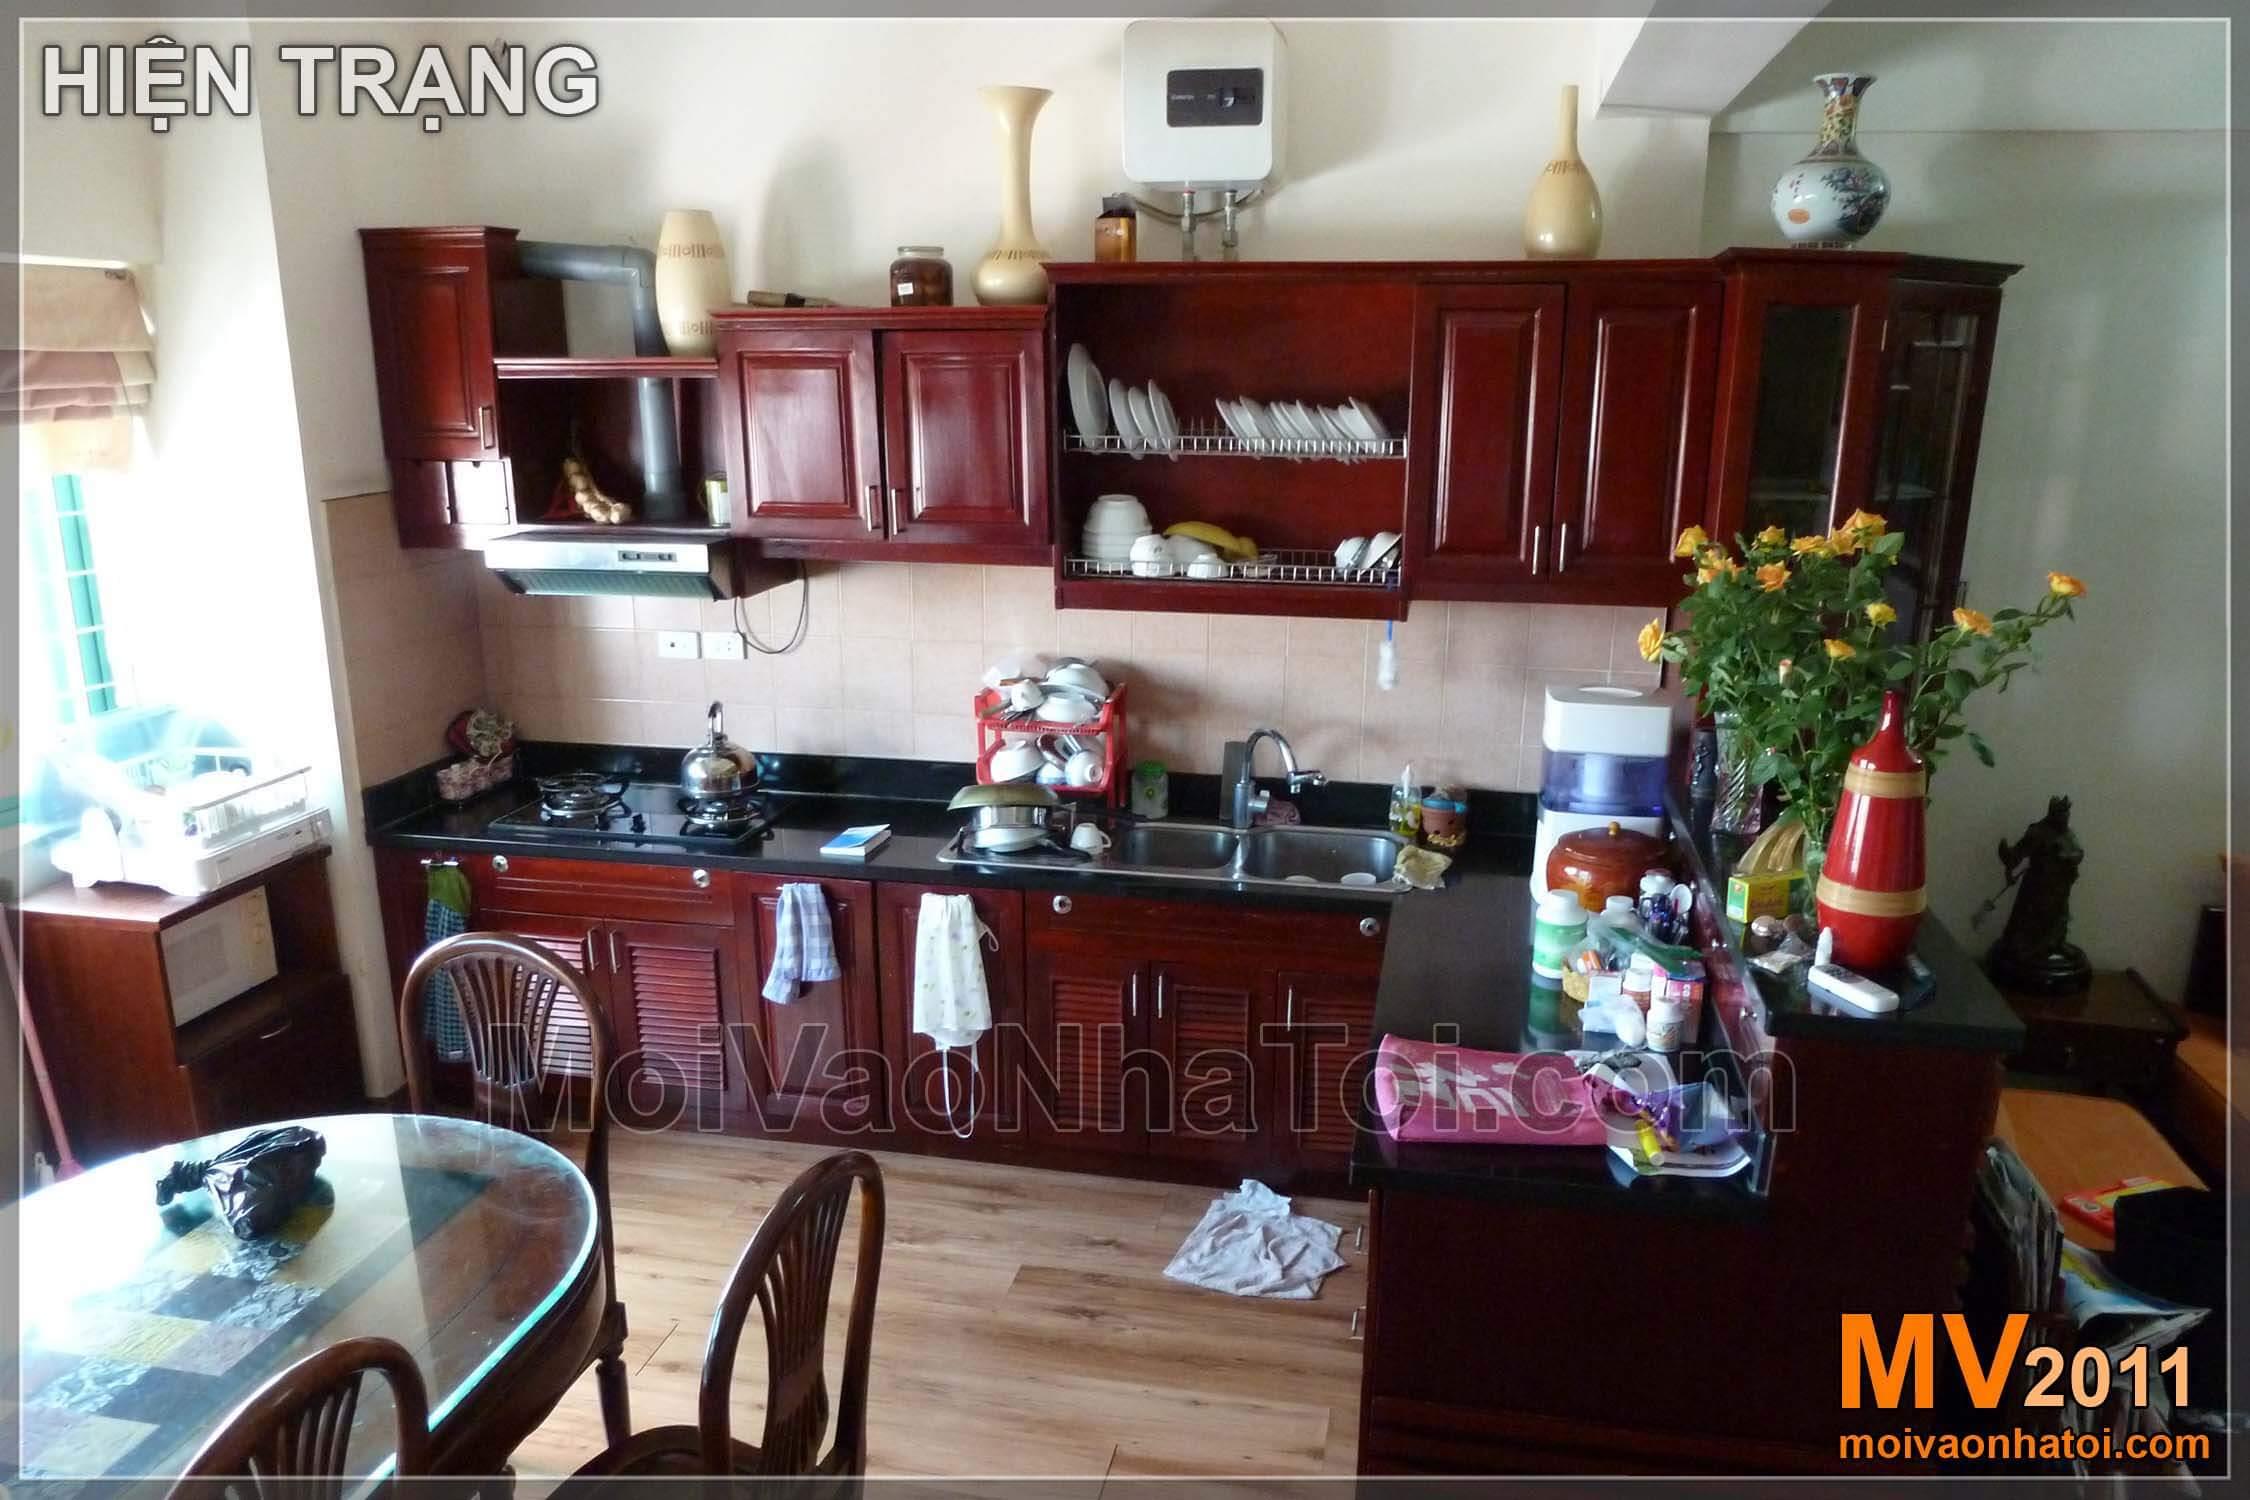 Hiện trạng và phối cảnh 3D tủ bếp